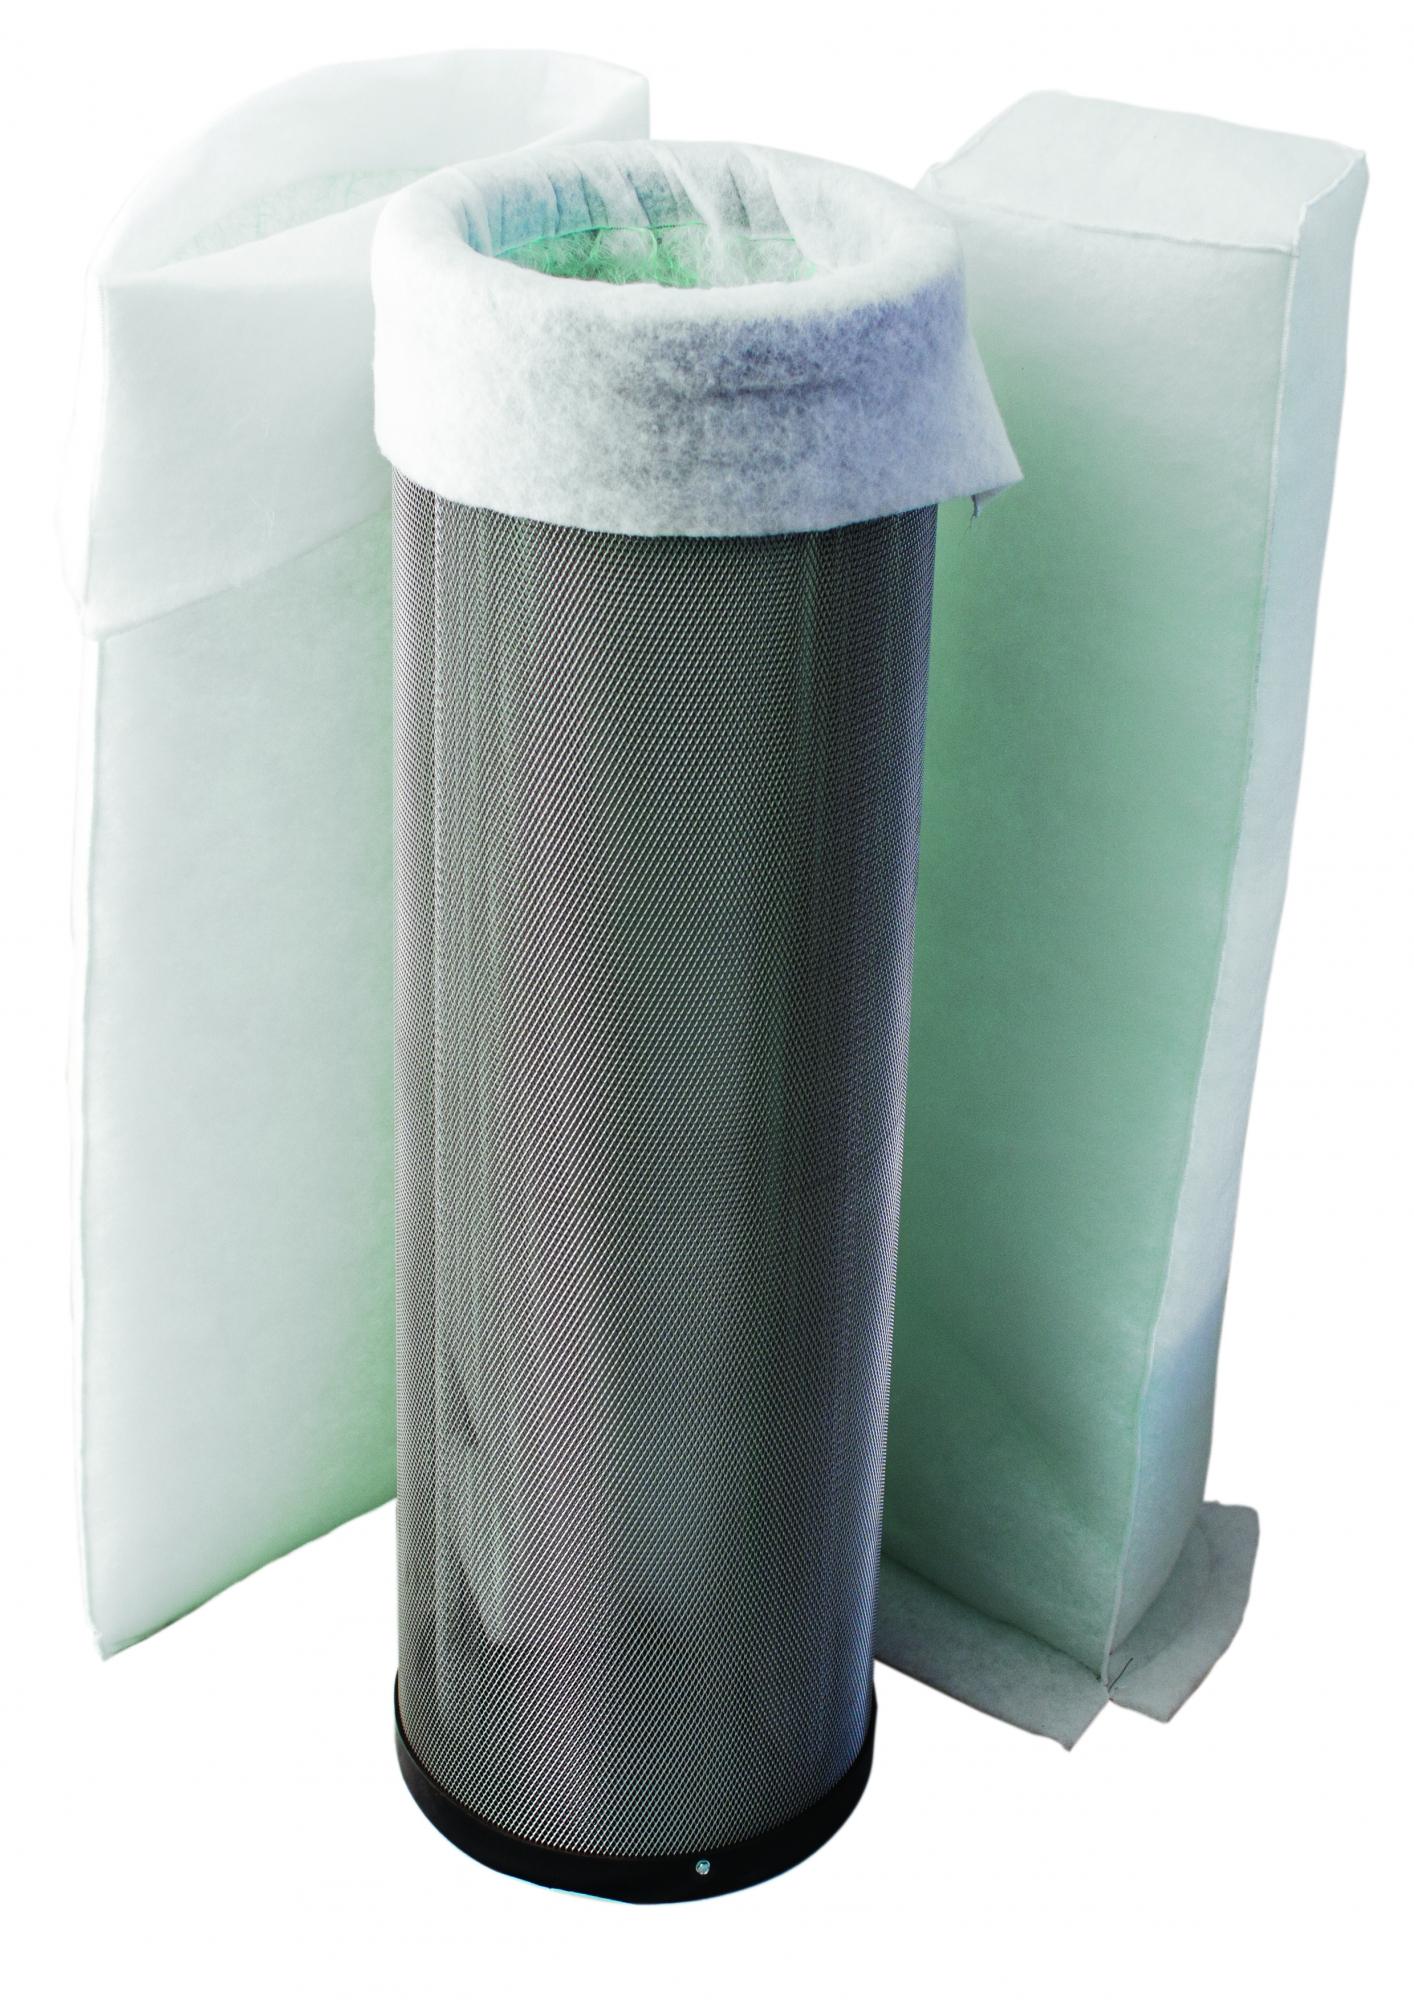 Maniche per depuratori maniche filtranti for Filtro per cabina di fusione ford